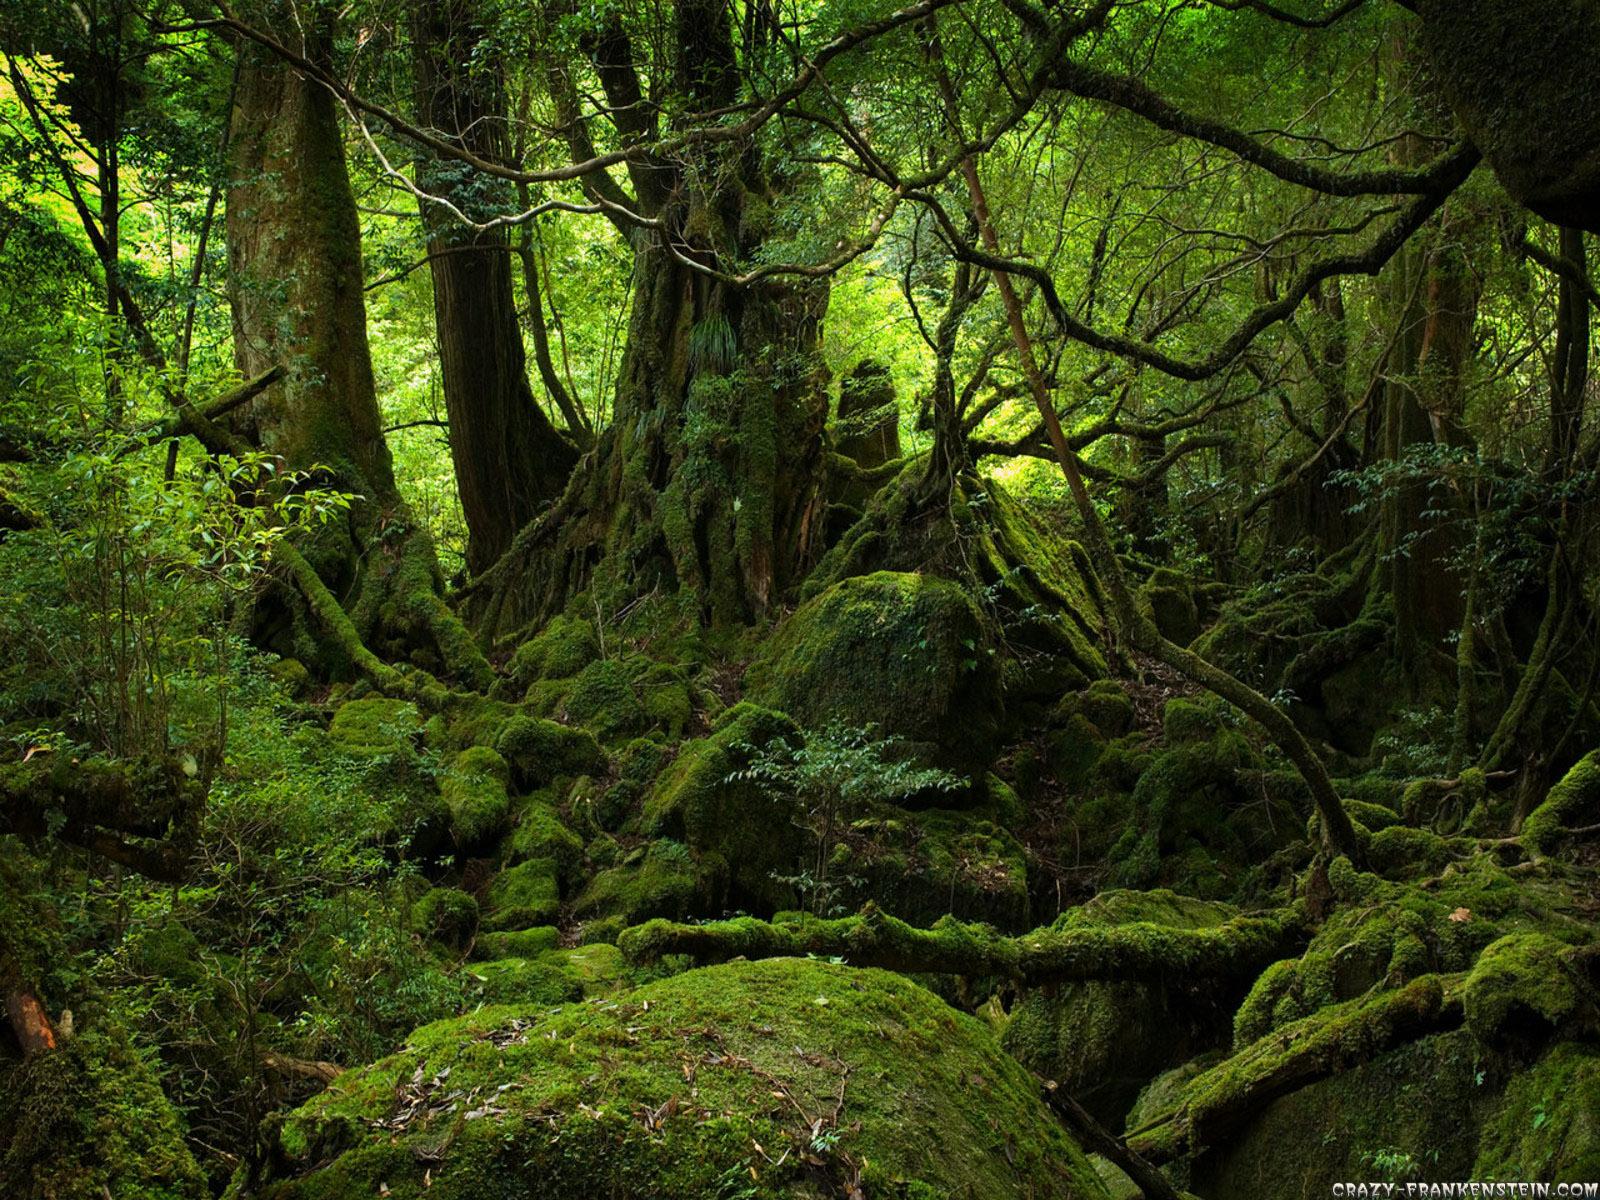 http://4.bp.blogspot.com/-JutctUUqhew/TlPkepIM14I/AAAAAAAAAwU/HpxOmgd3DQk/s1600/Forest%2BWallpaper-23.jpg